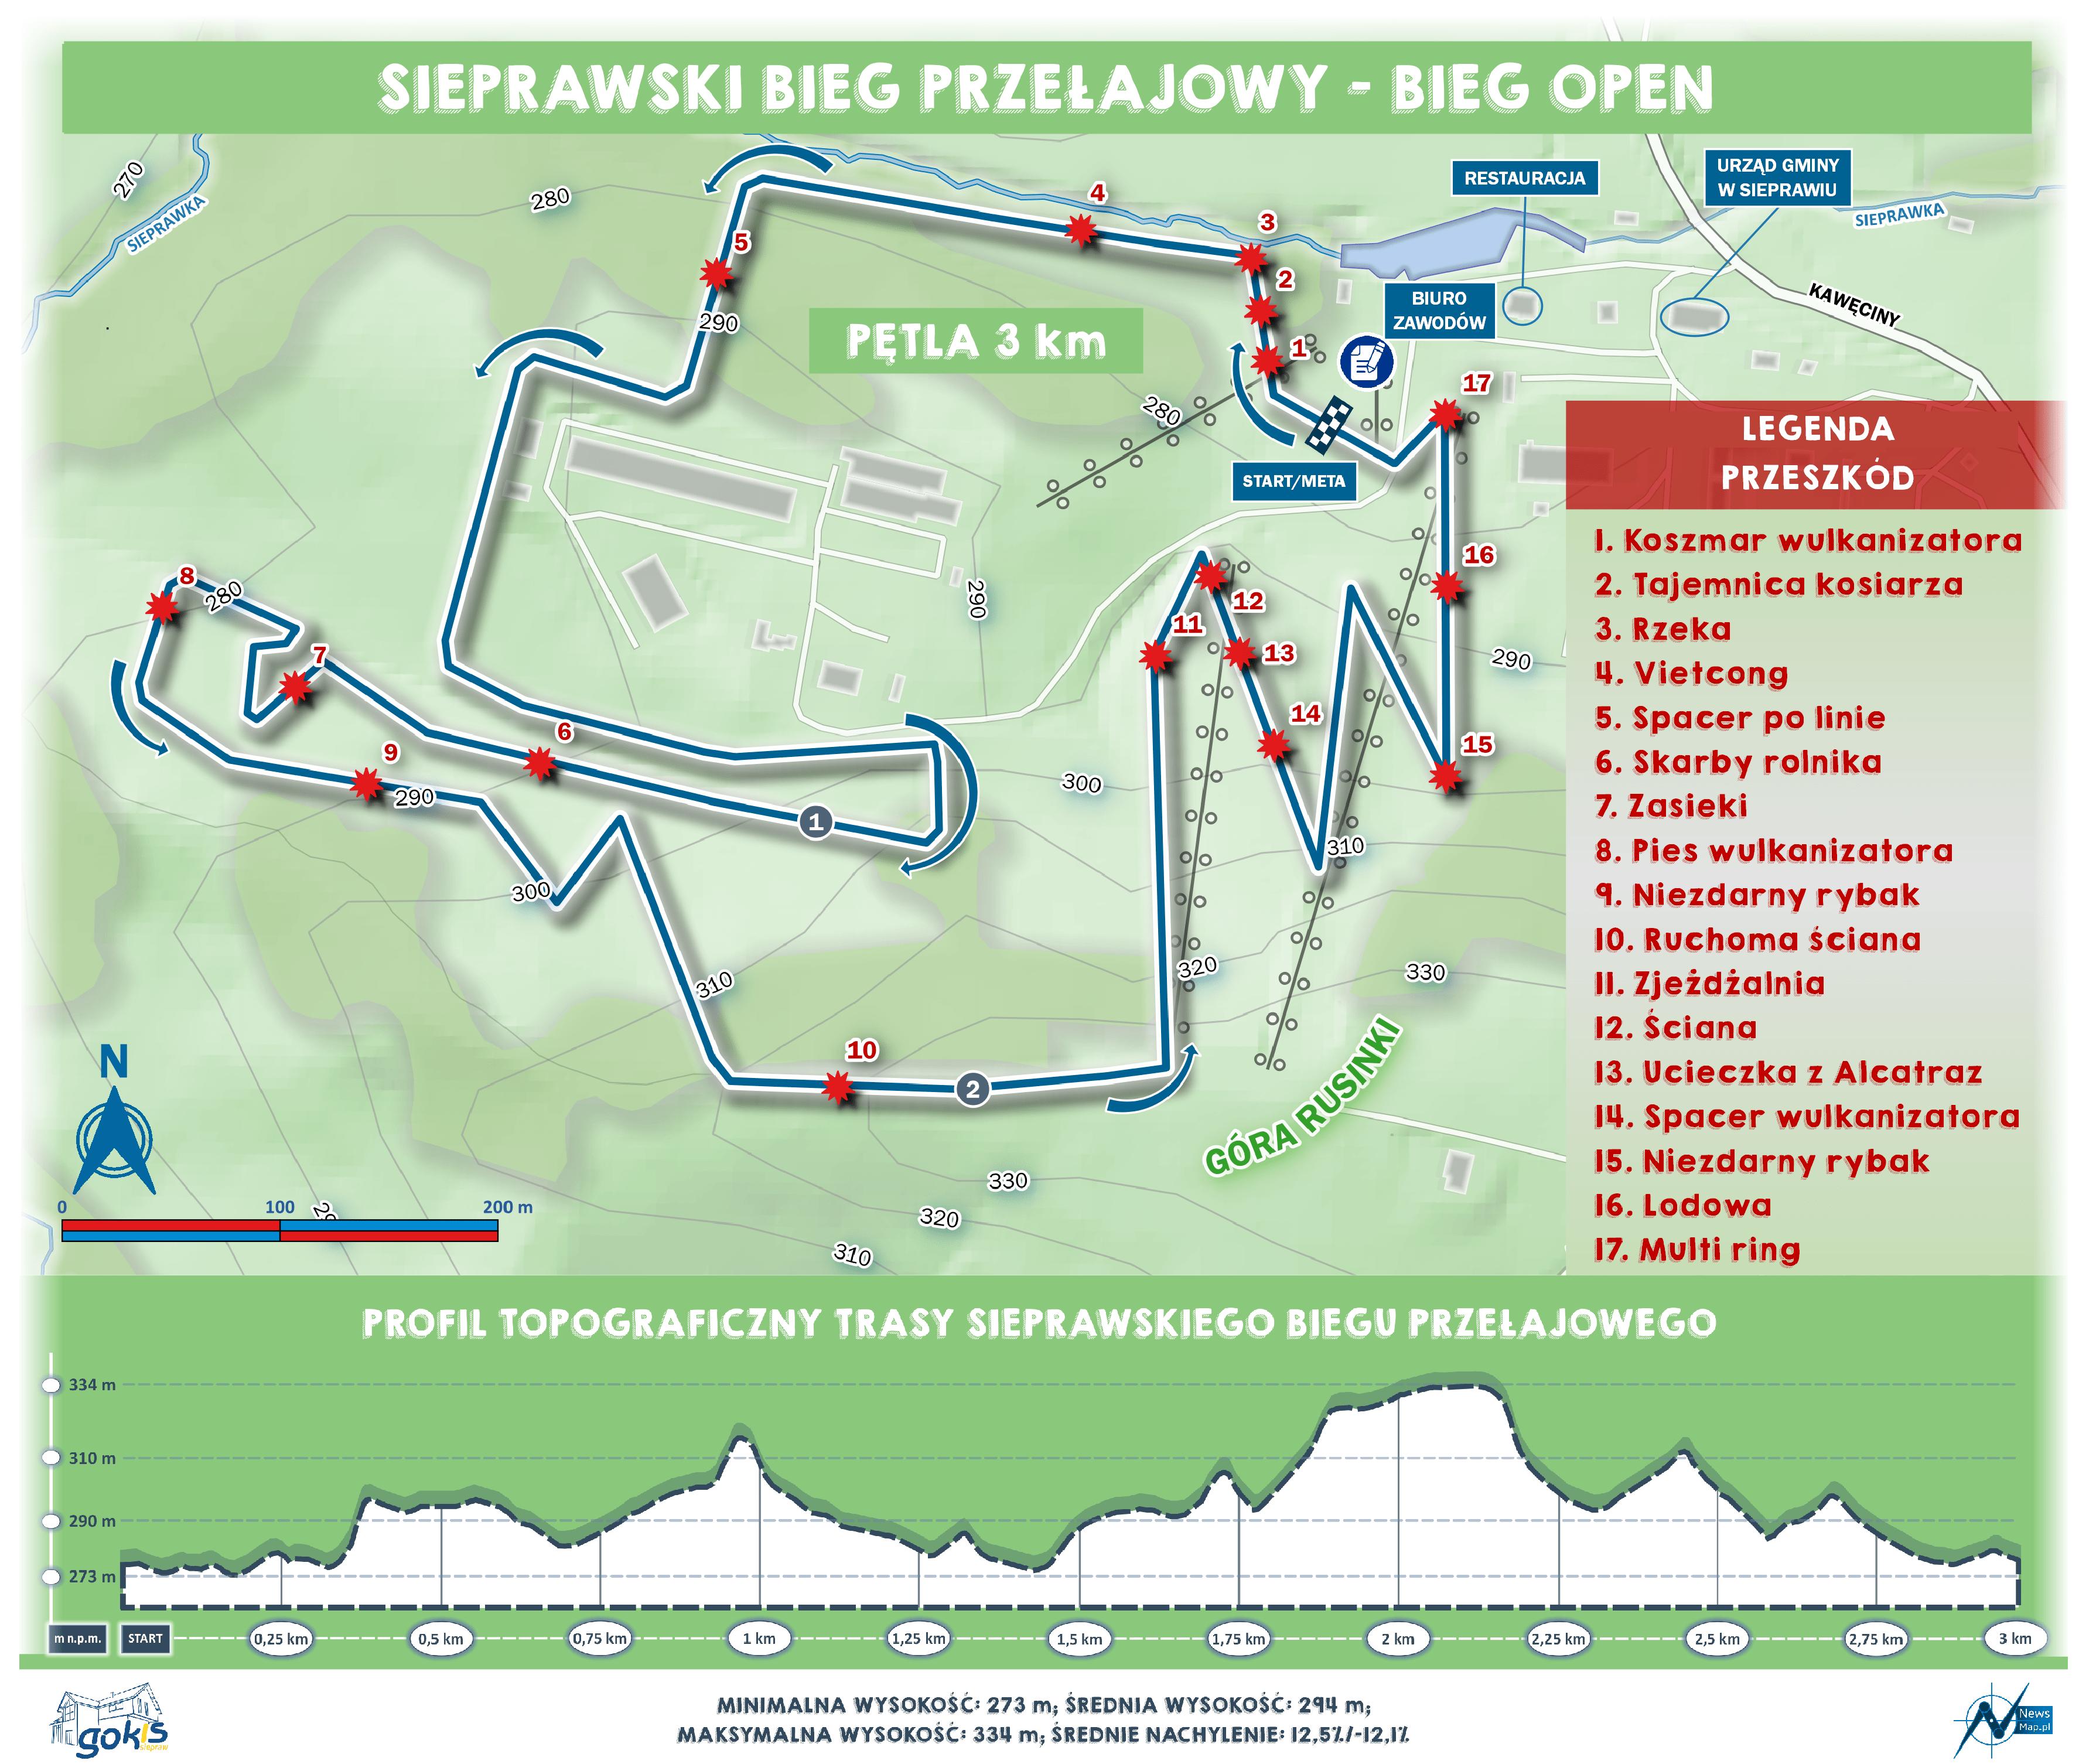 Sierpawski Bieg Przejałowy 2019 - mapa statyczna on-line v2